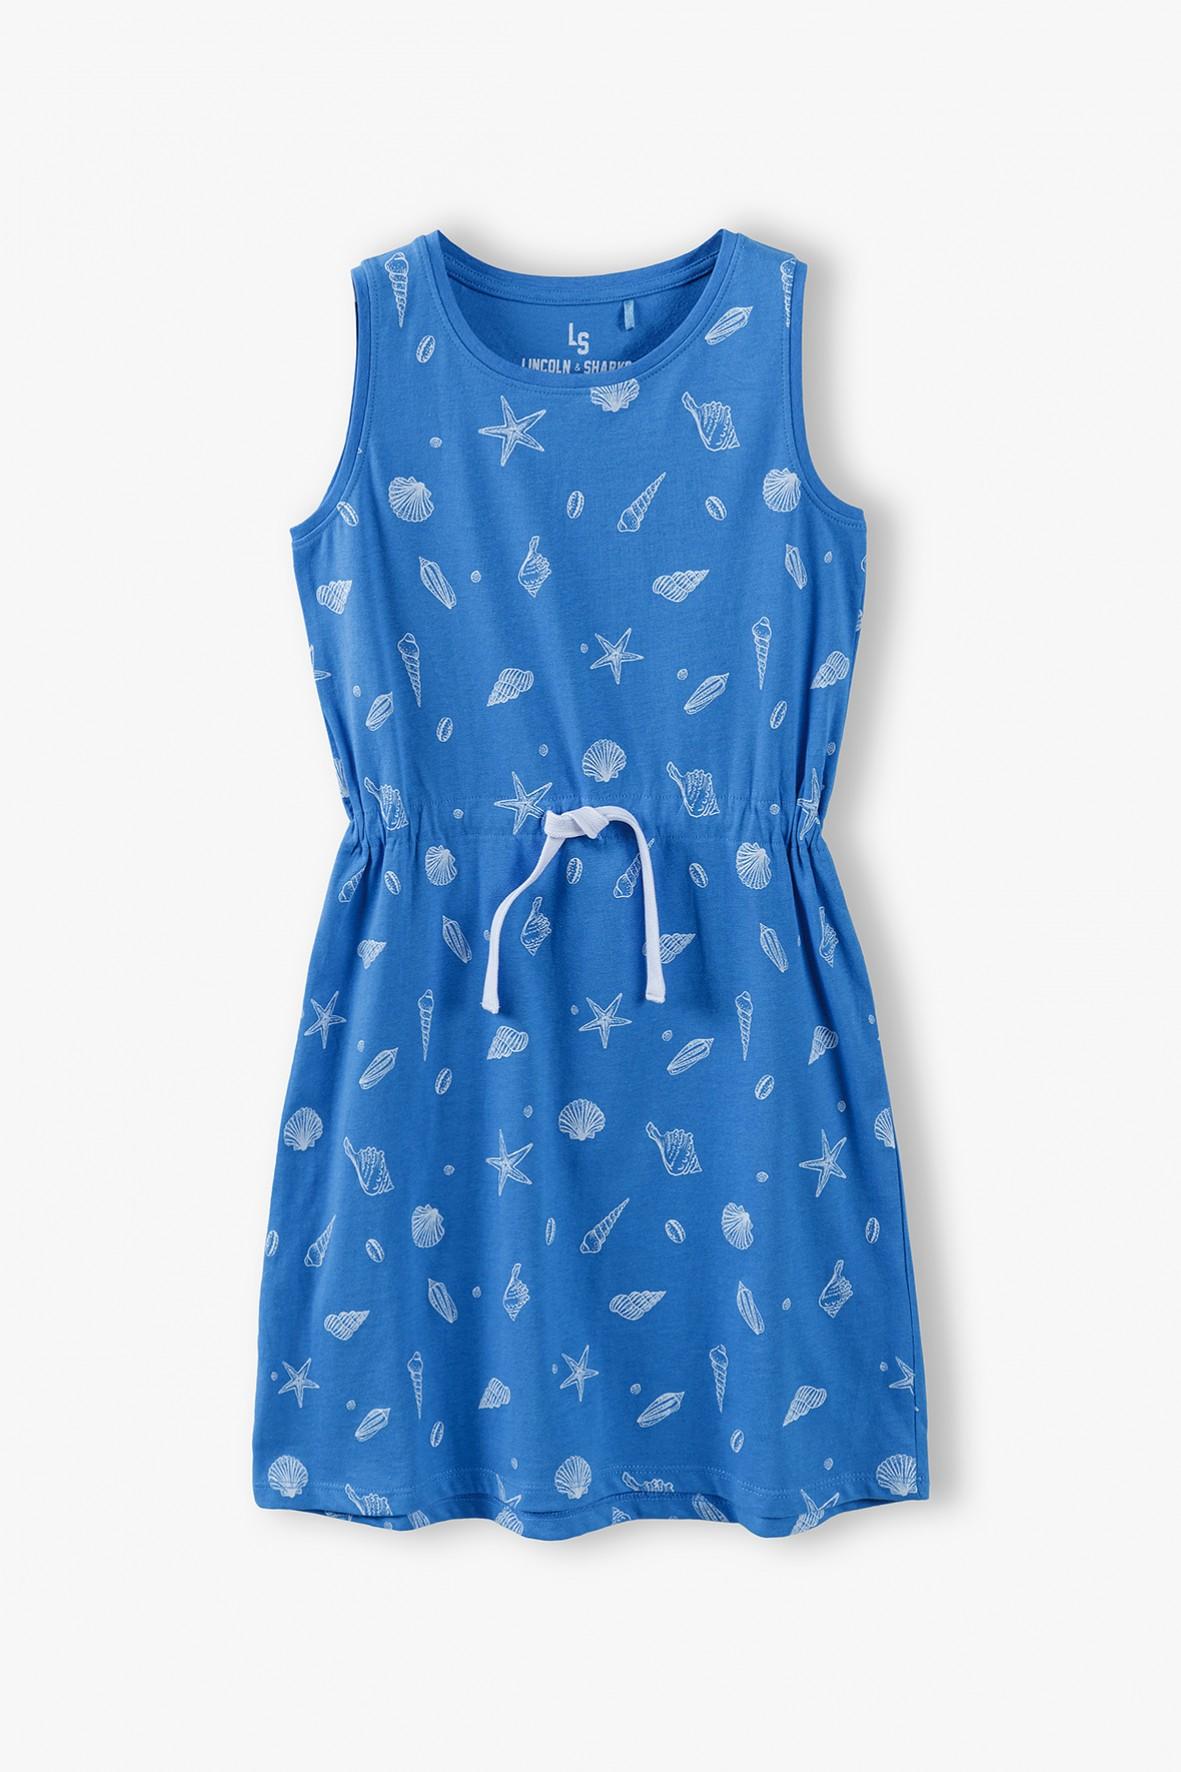 Sukienka dziecięca w muszelki w kolorze morskim